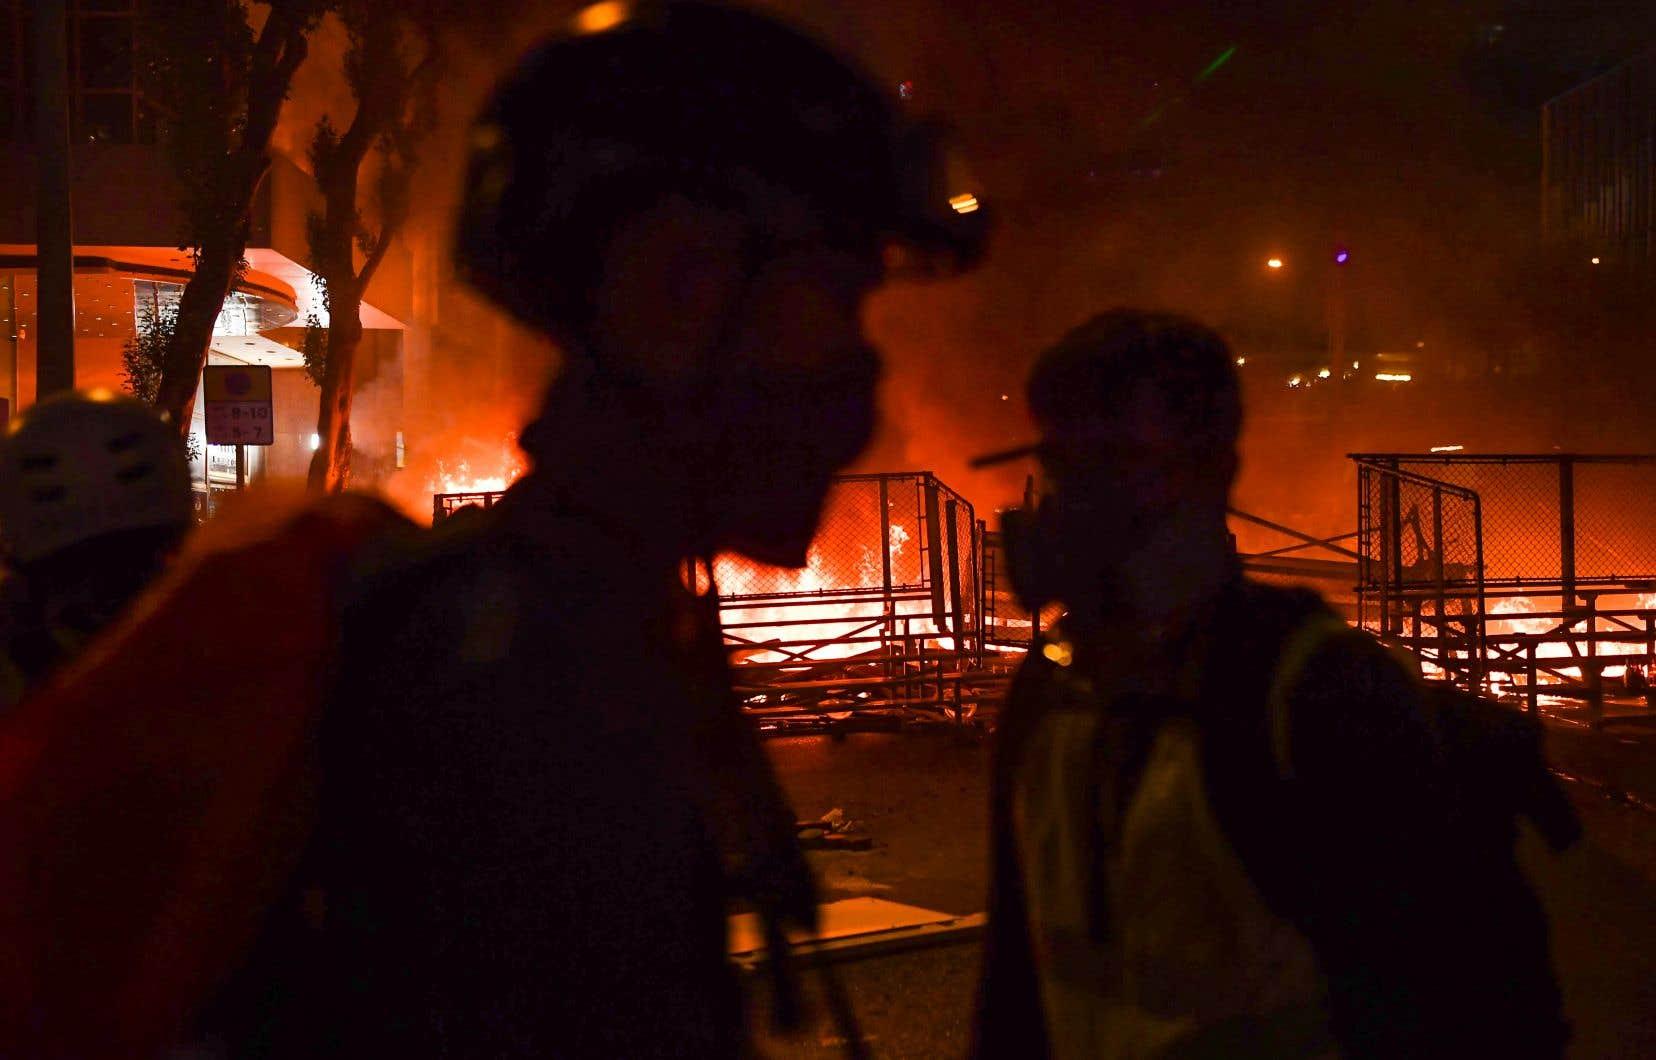 Des manifestants ont incendié une énorme barricade constituée de sièges arrachés sur les gradins d'un terrain de sport.